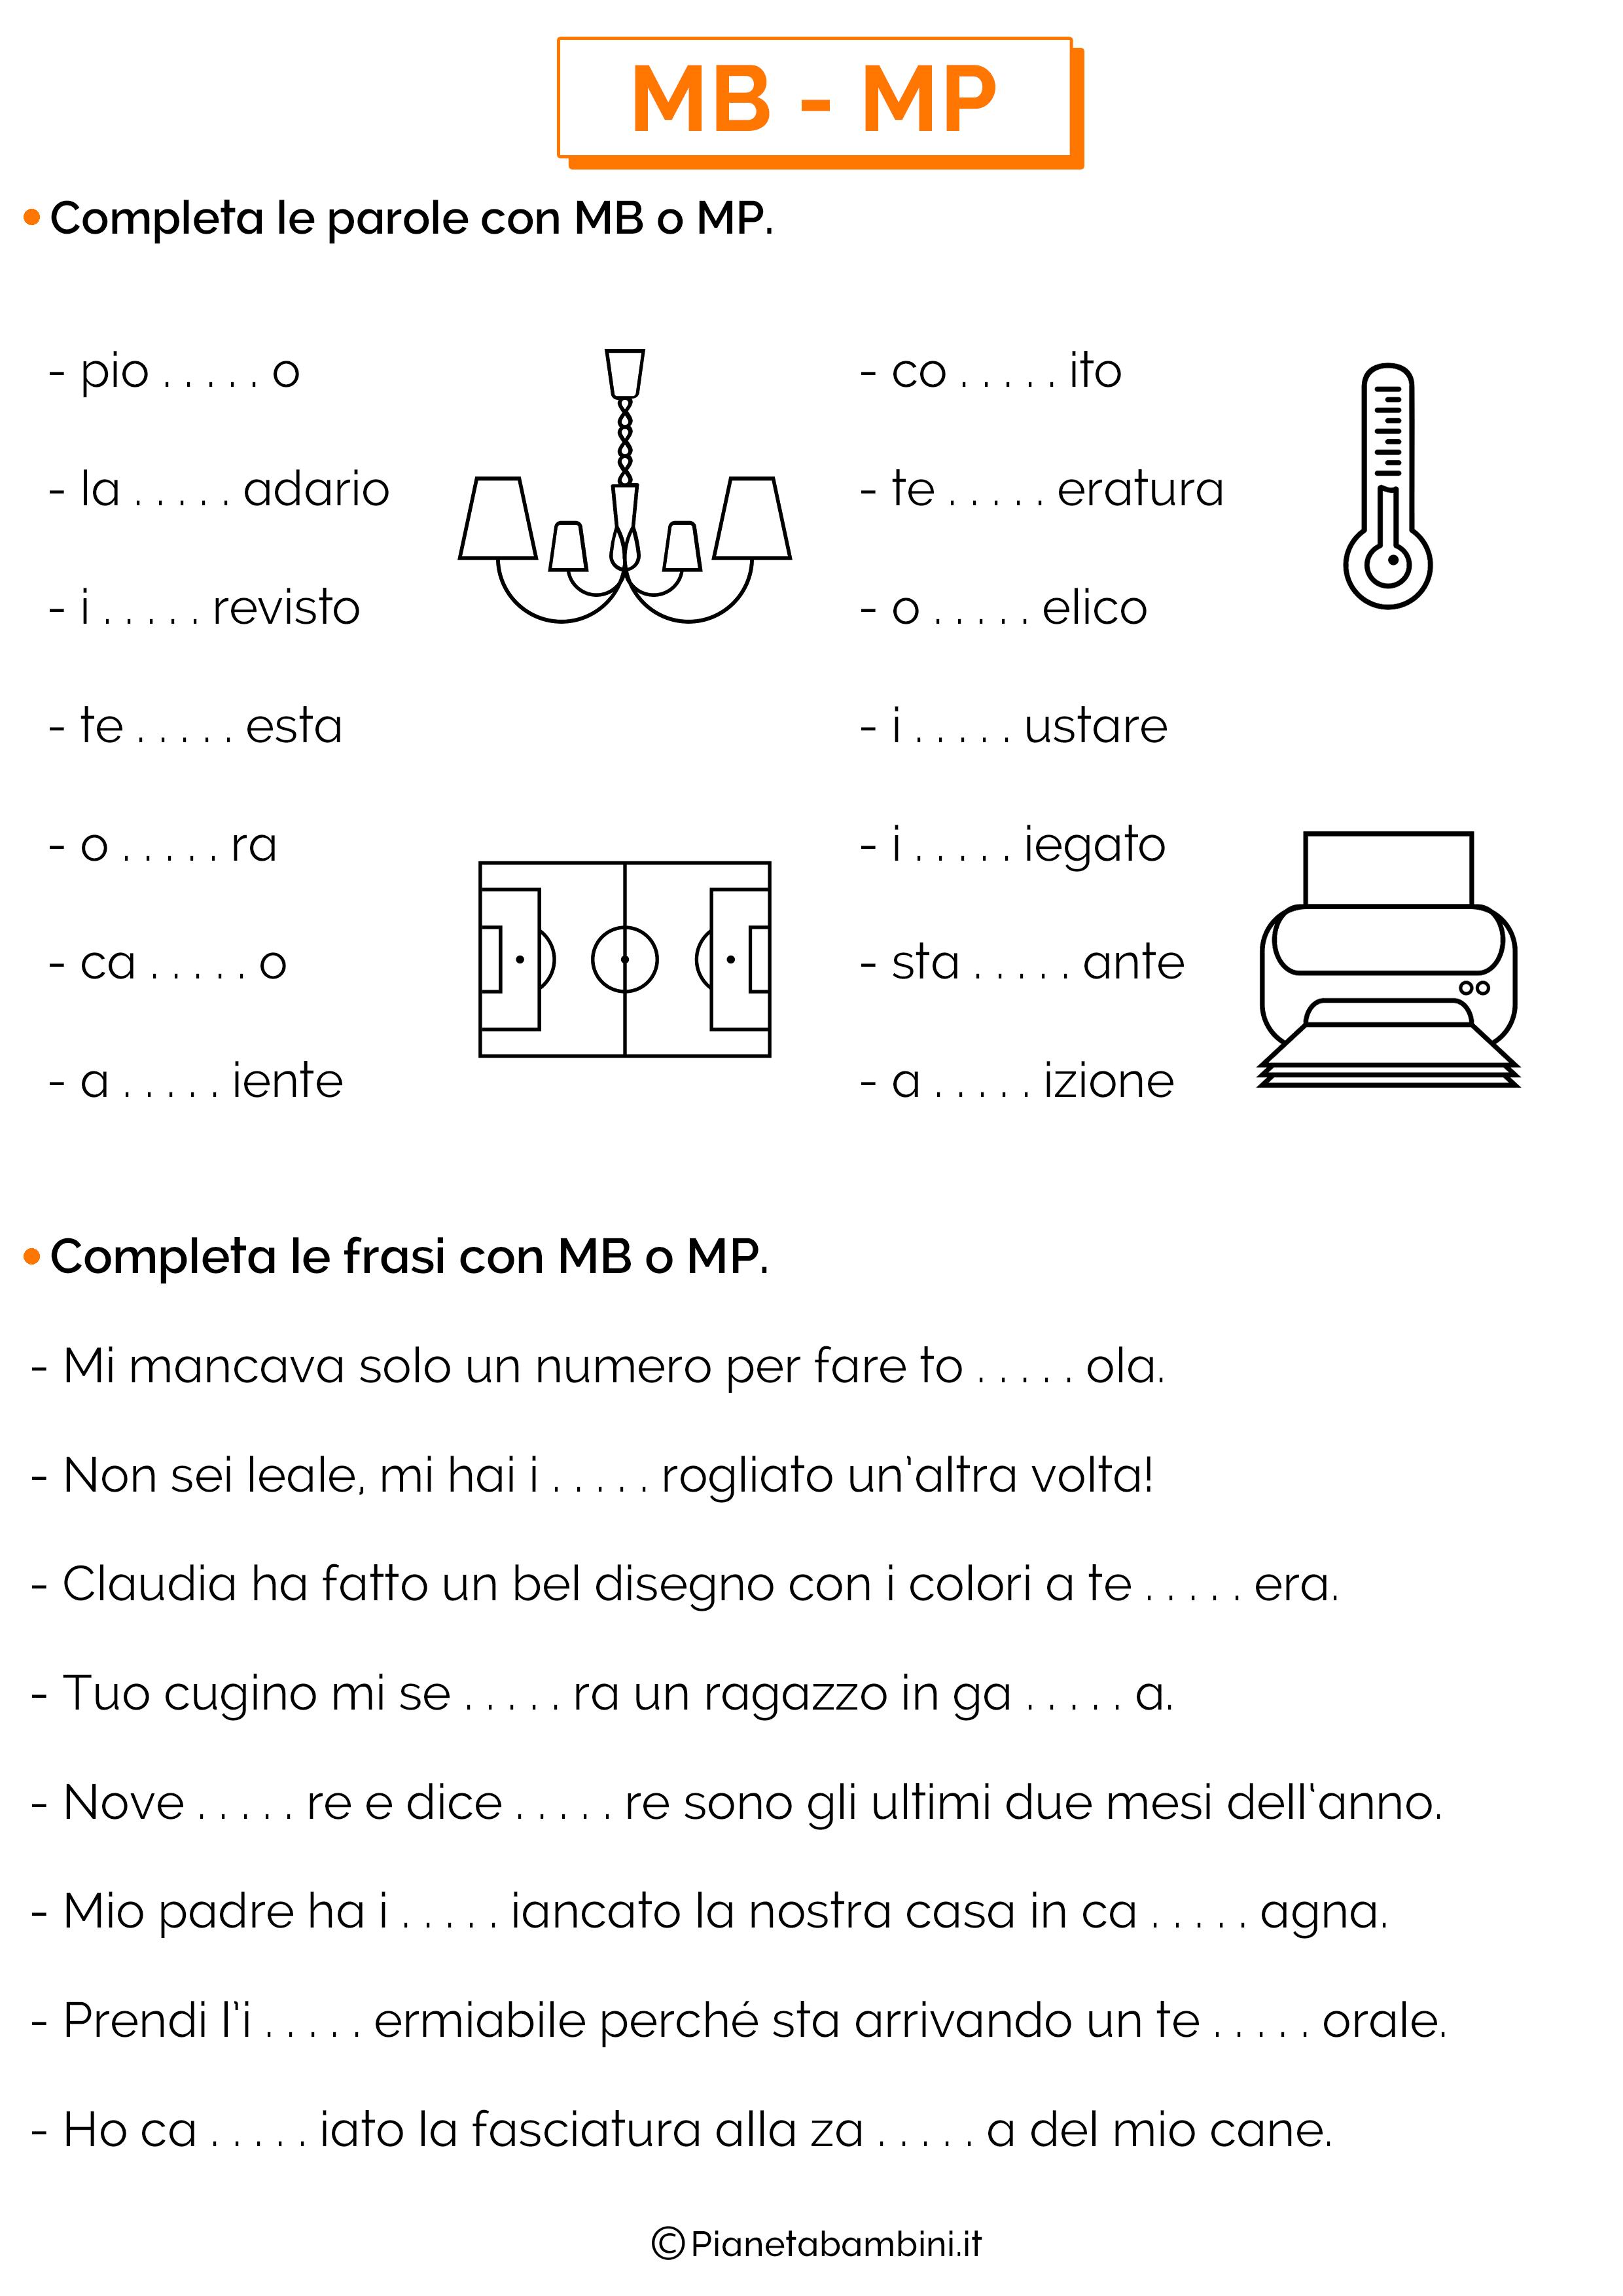 Parole e frasi da completare con MB o MP